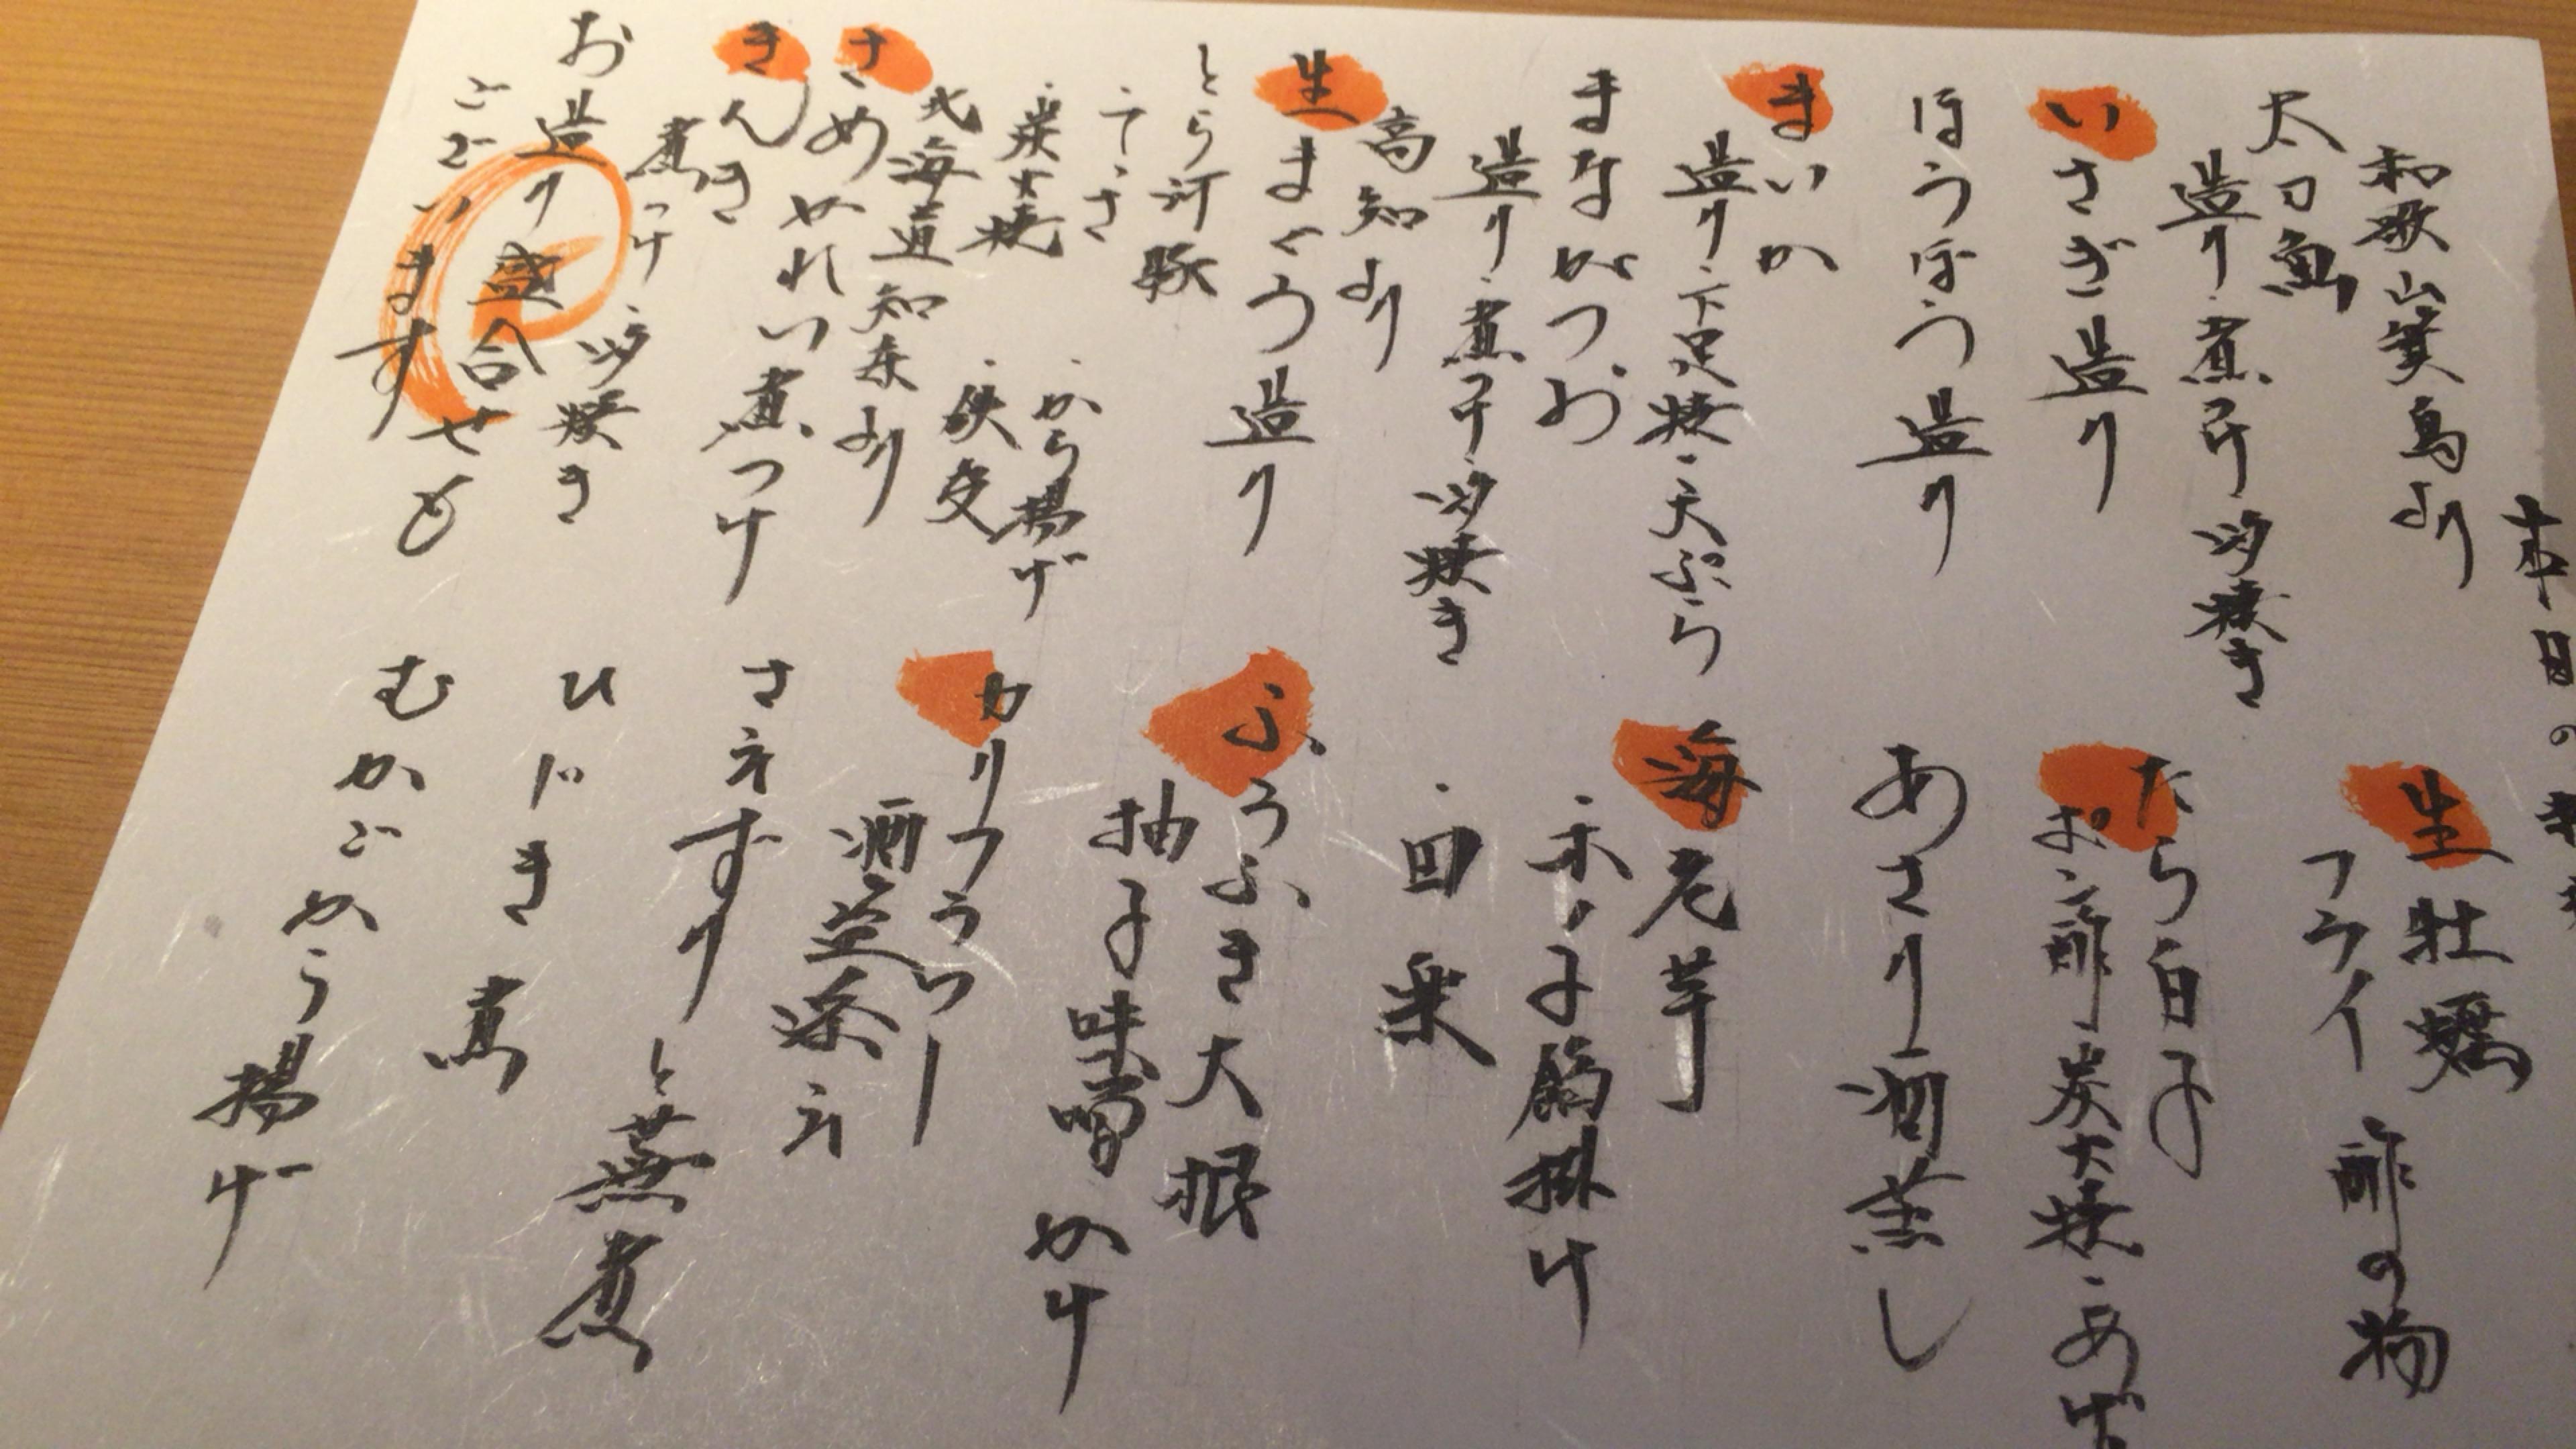 大阪ミナミの宗衛門町にある小料理・割烹『旬草hide』おすすめメニュー